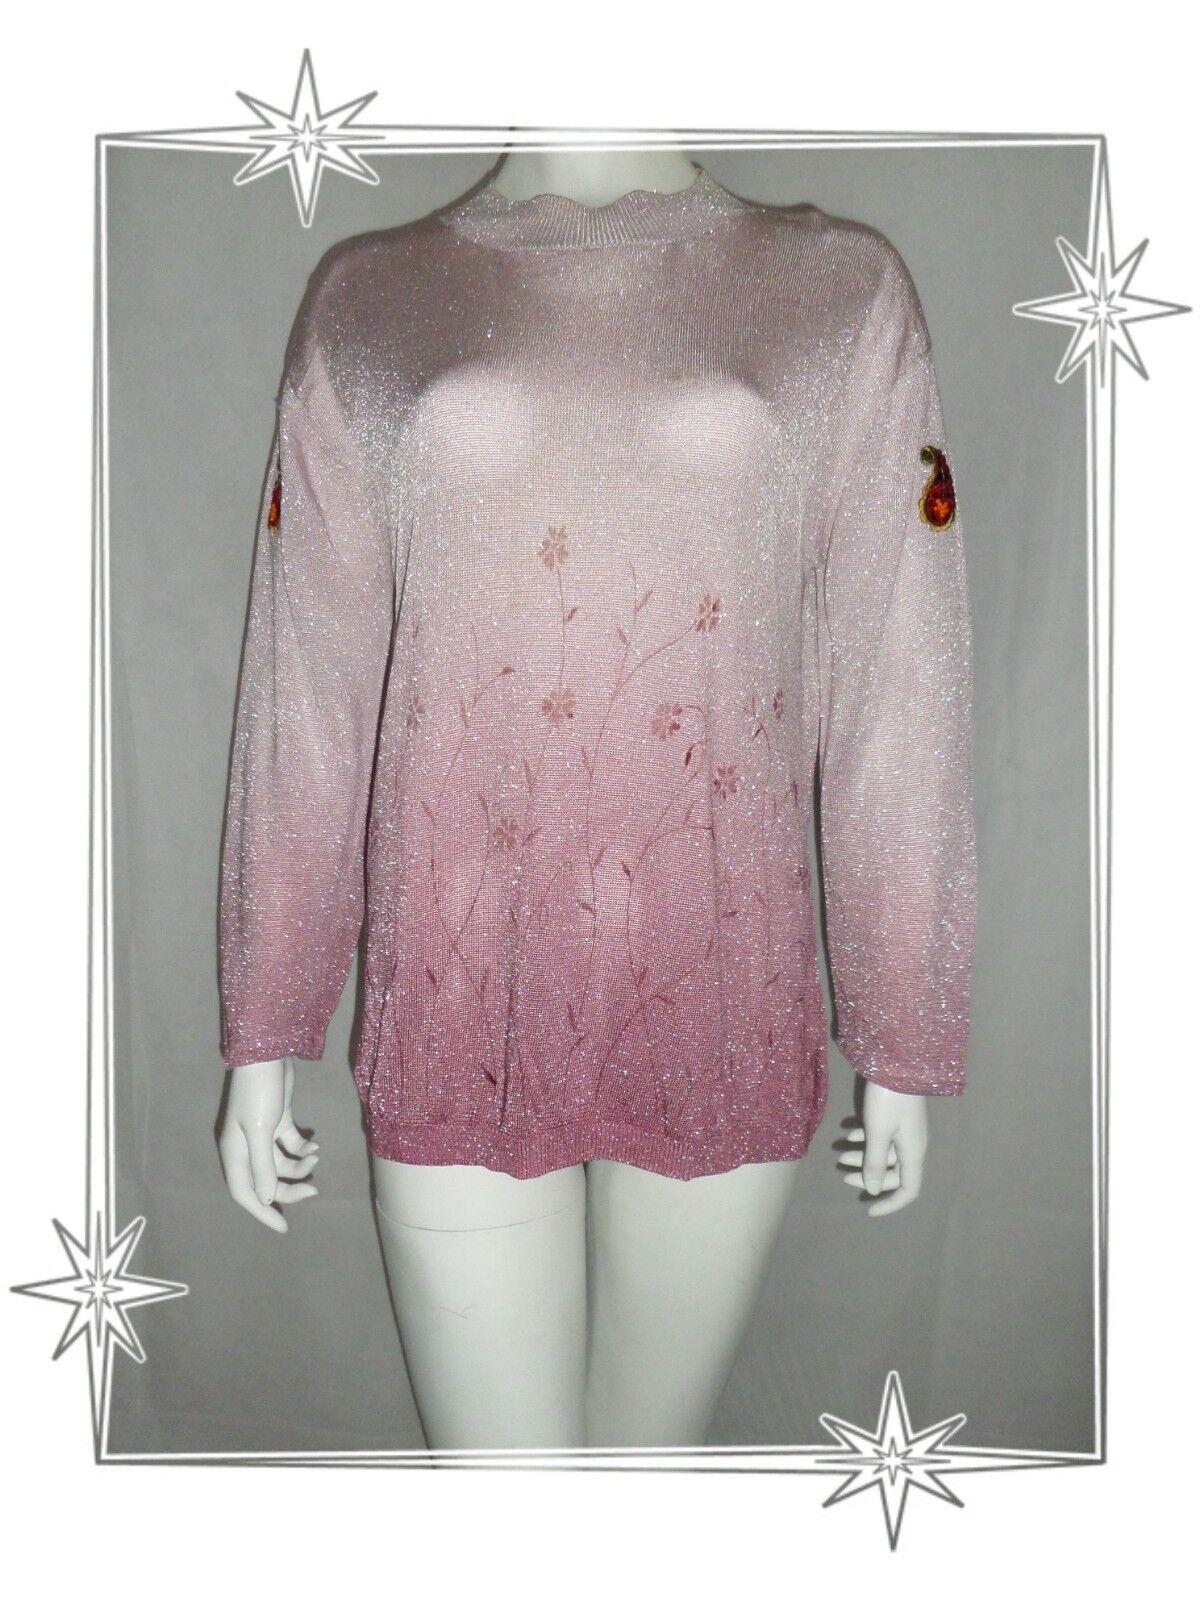 A  - Beau Pull Habillé pink Dégradé silveré Fleurs Fred Sabatier size L